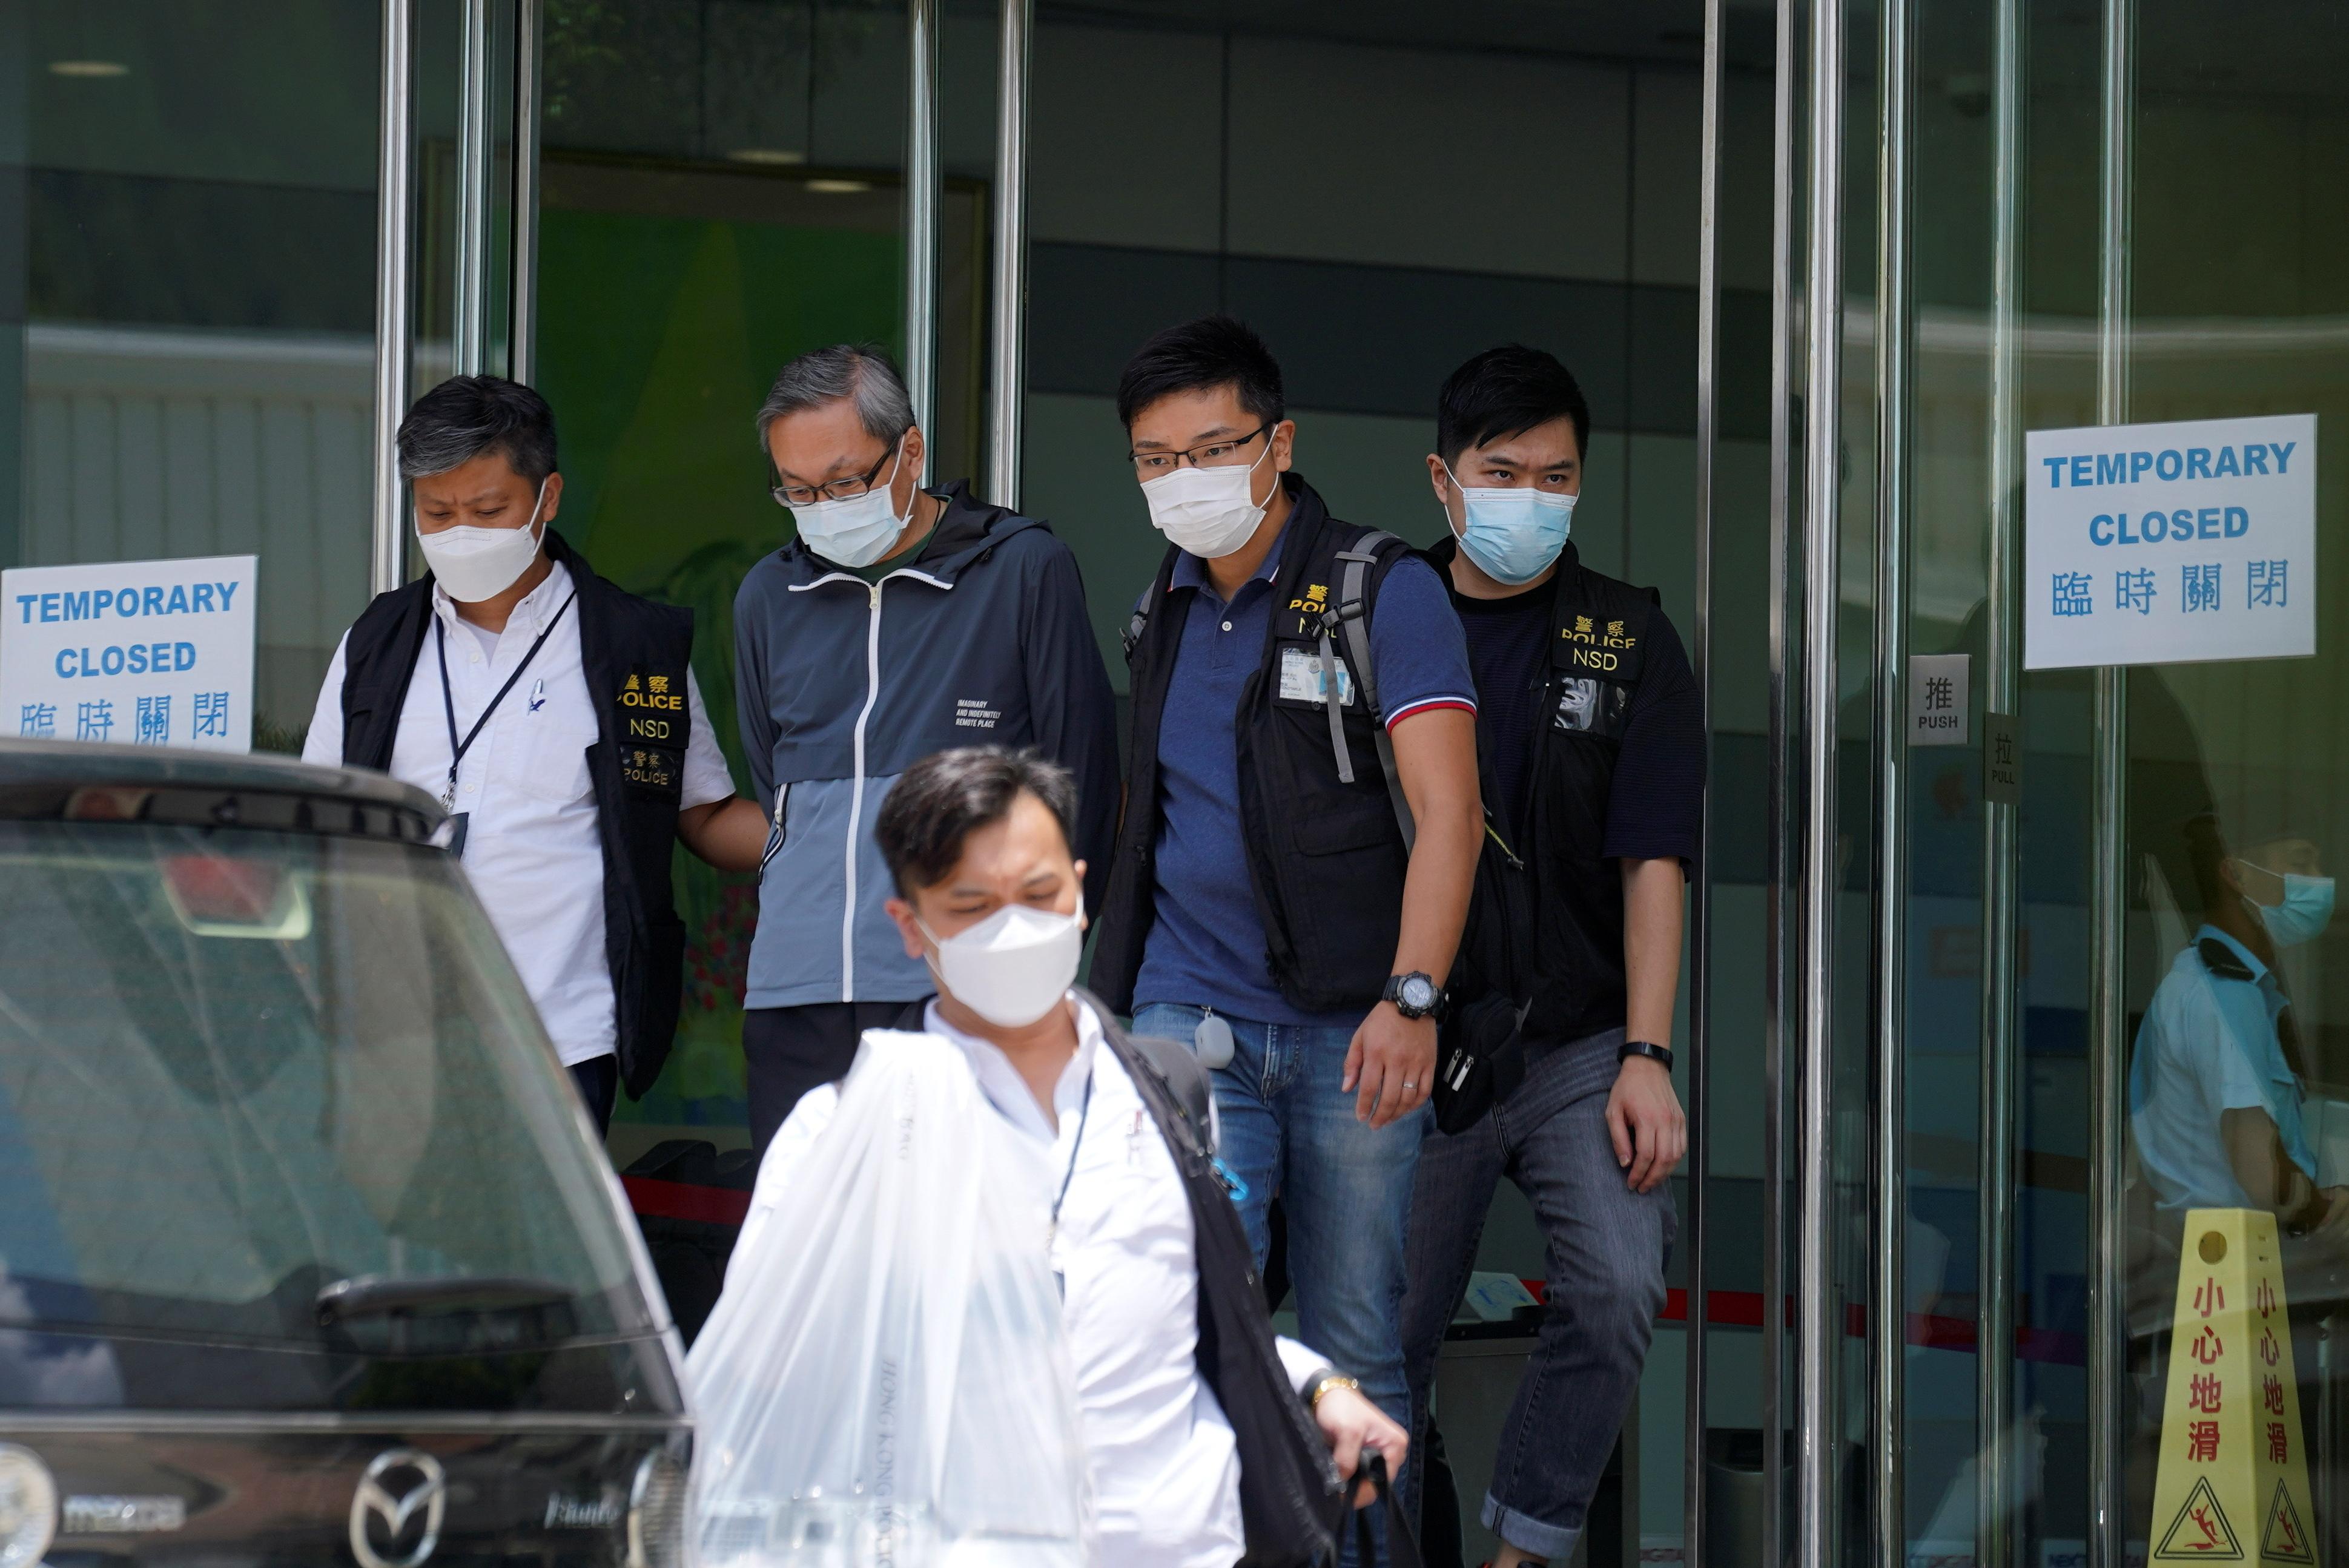 壹传媒行政总裁张剑虹目前仍在还押候讯。(路透社资料图片)